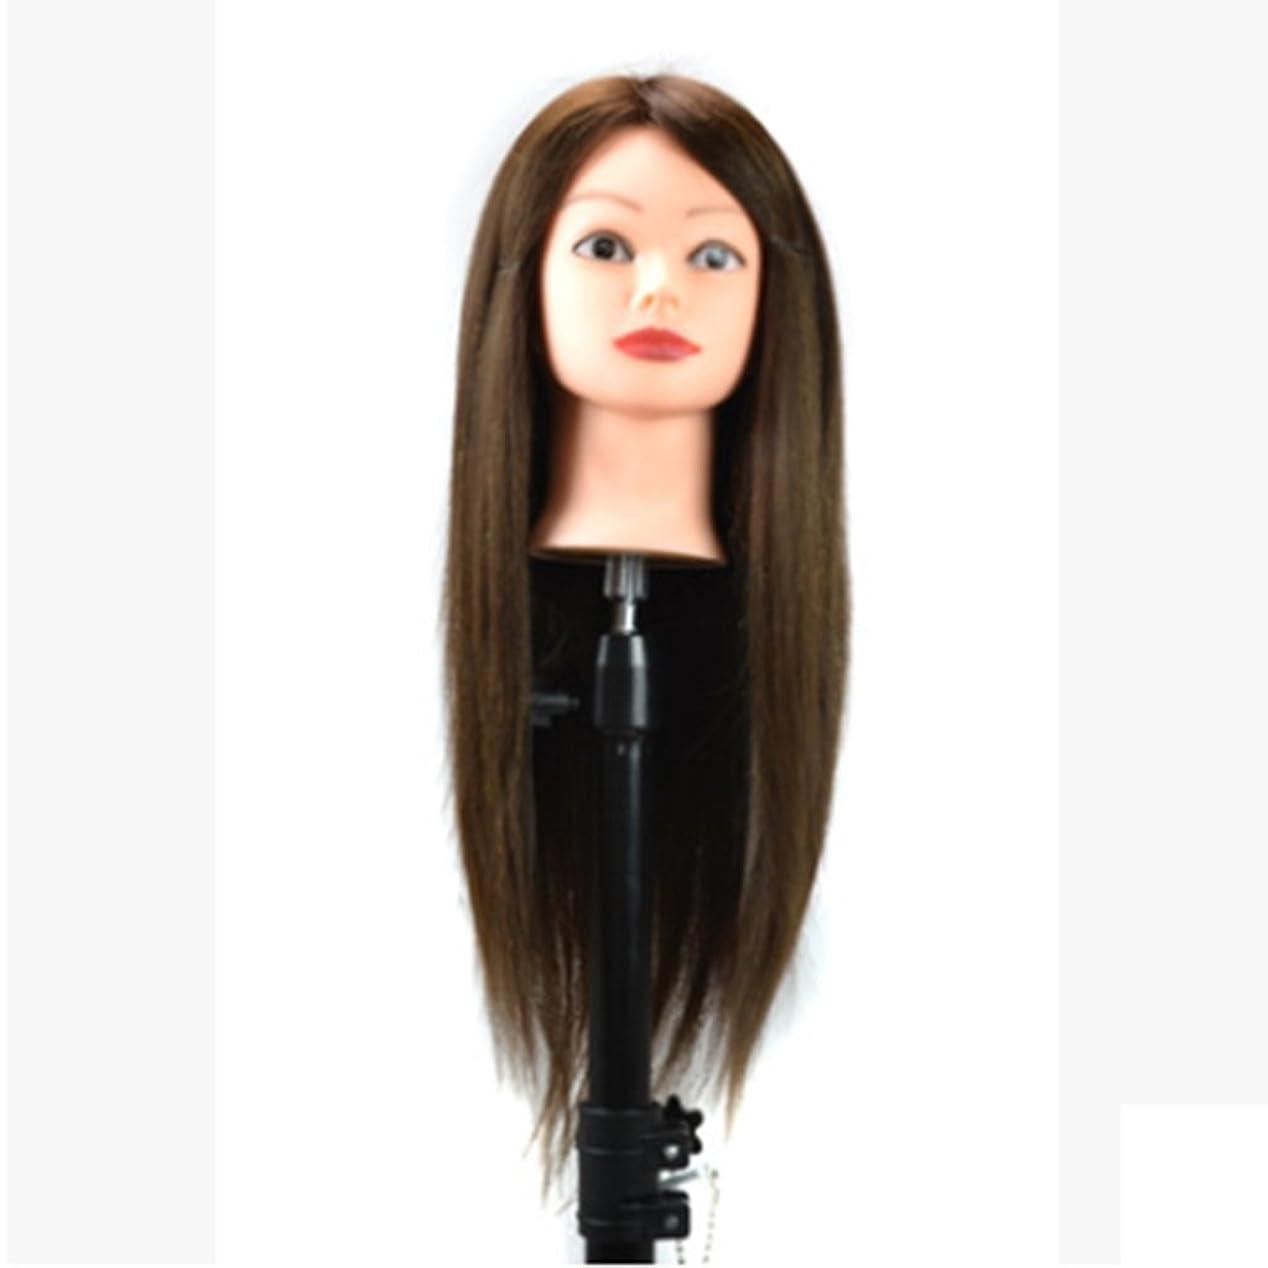 レンディション時系列メタルラインKoloeplf ブラケットを含む 60cm ウィッグ ヘッド 染色が可能で、メイク アップ ウィッグ ヘッド 付き ディスクと編組髪 (Color : ブラウン)